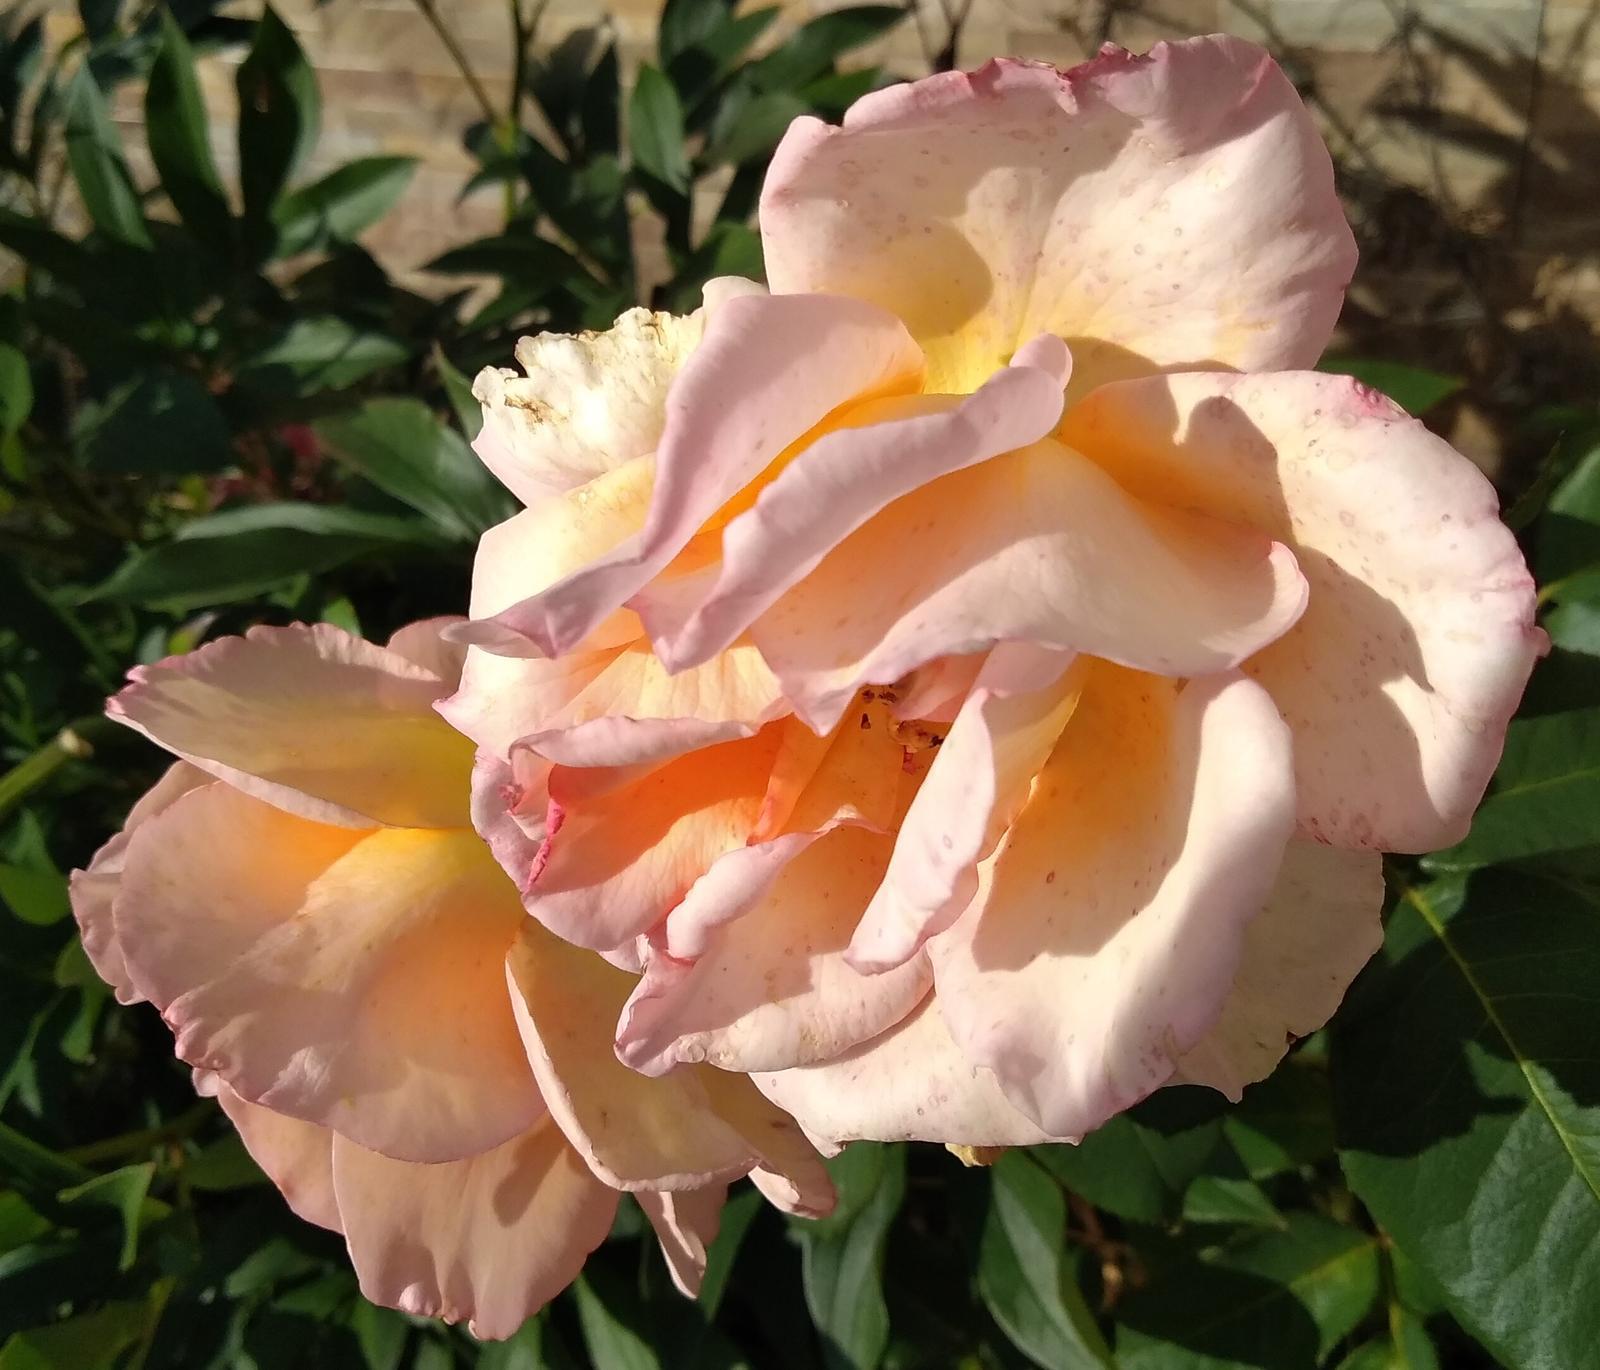 semená oranžovej ruže - Obrázok č. 1